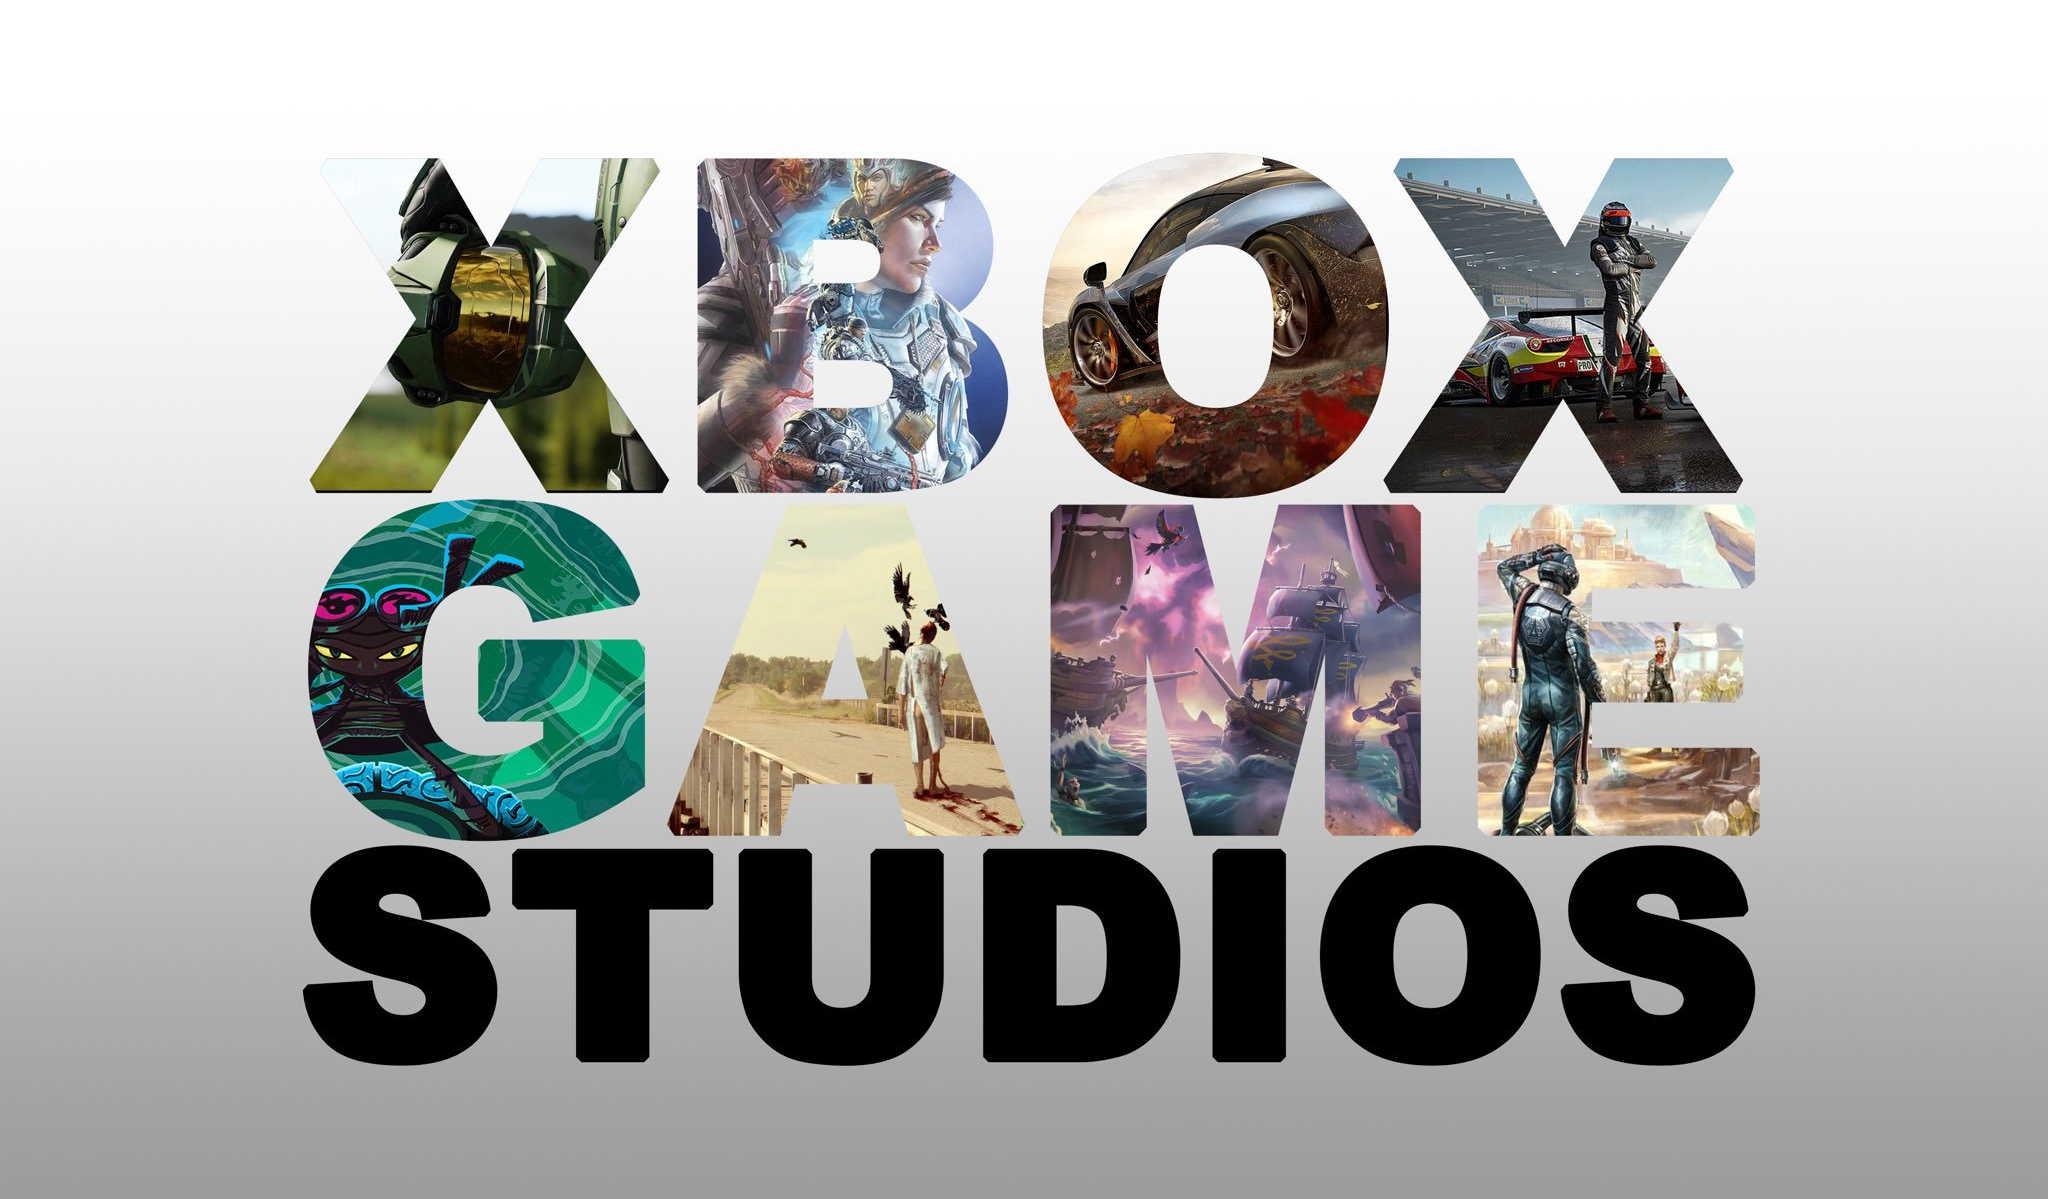 Крупные игровые студии Xbox активно расширяются и наращивают производственные мощности